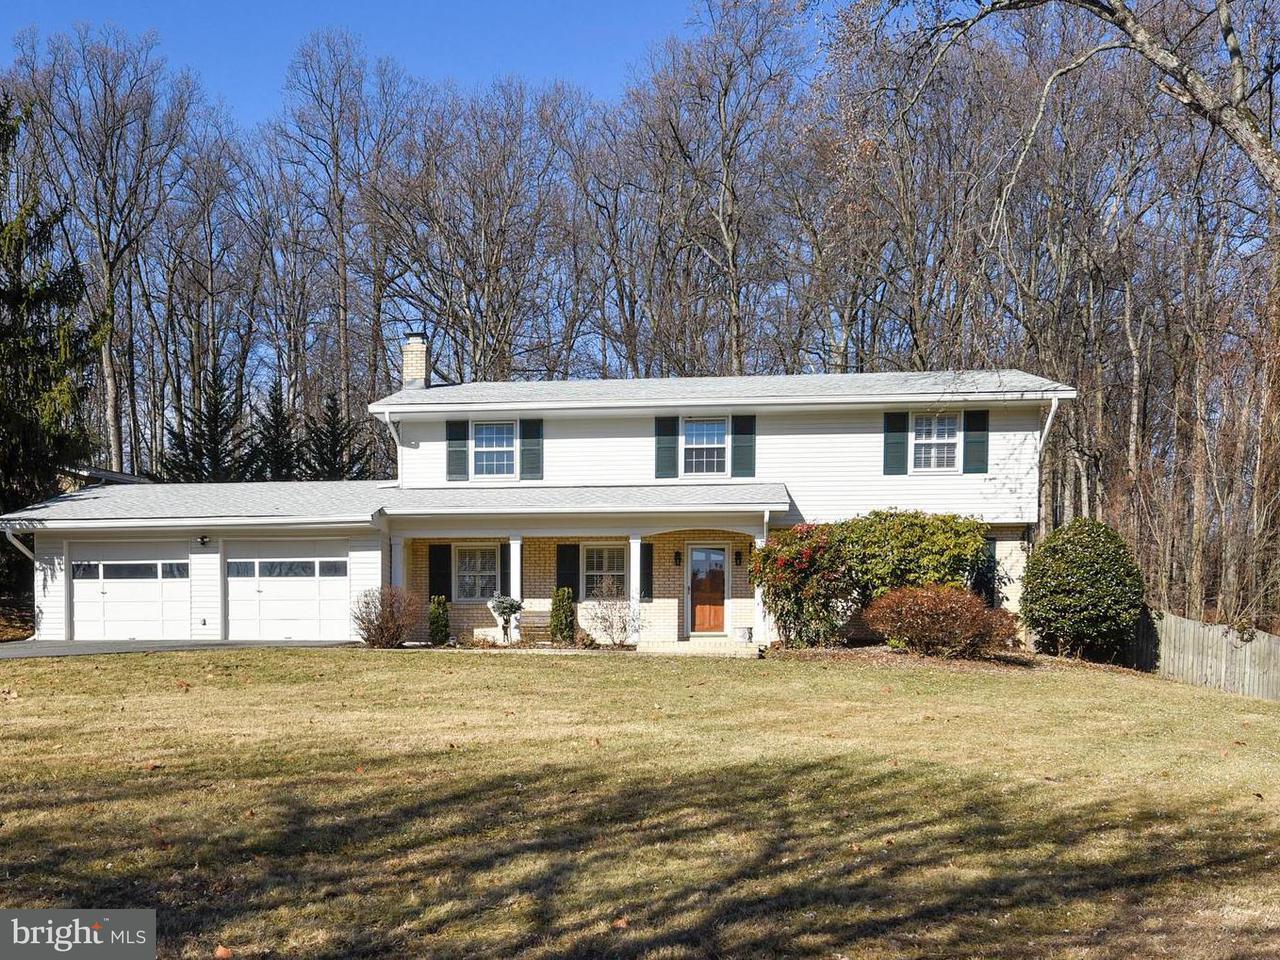 Частный односемейный дом для того Продажа на 5601 Granby Road 5601 Granby Road Derwood, Мэриленд 20855 Соединенные Штаты